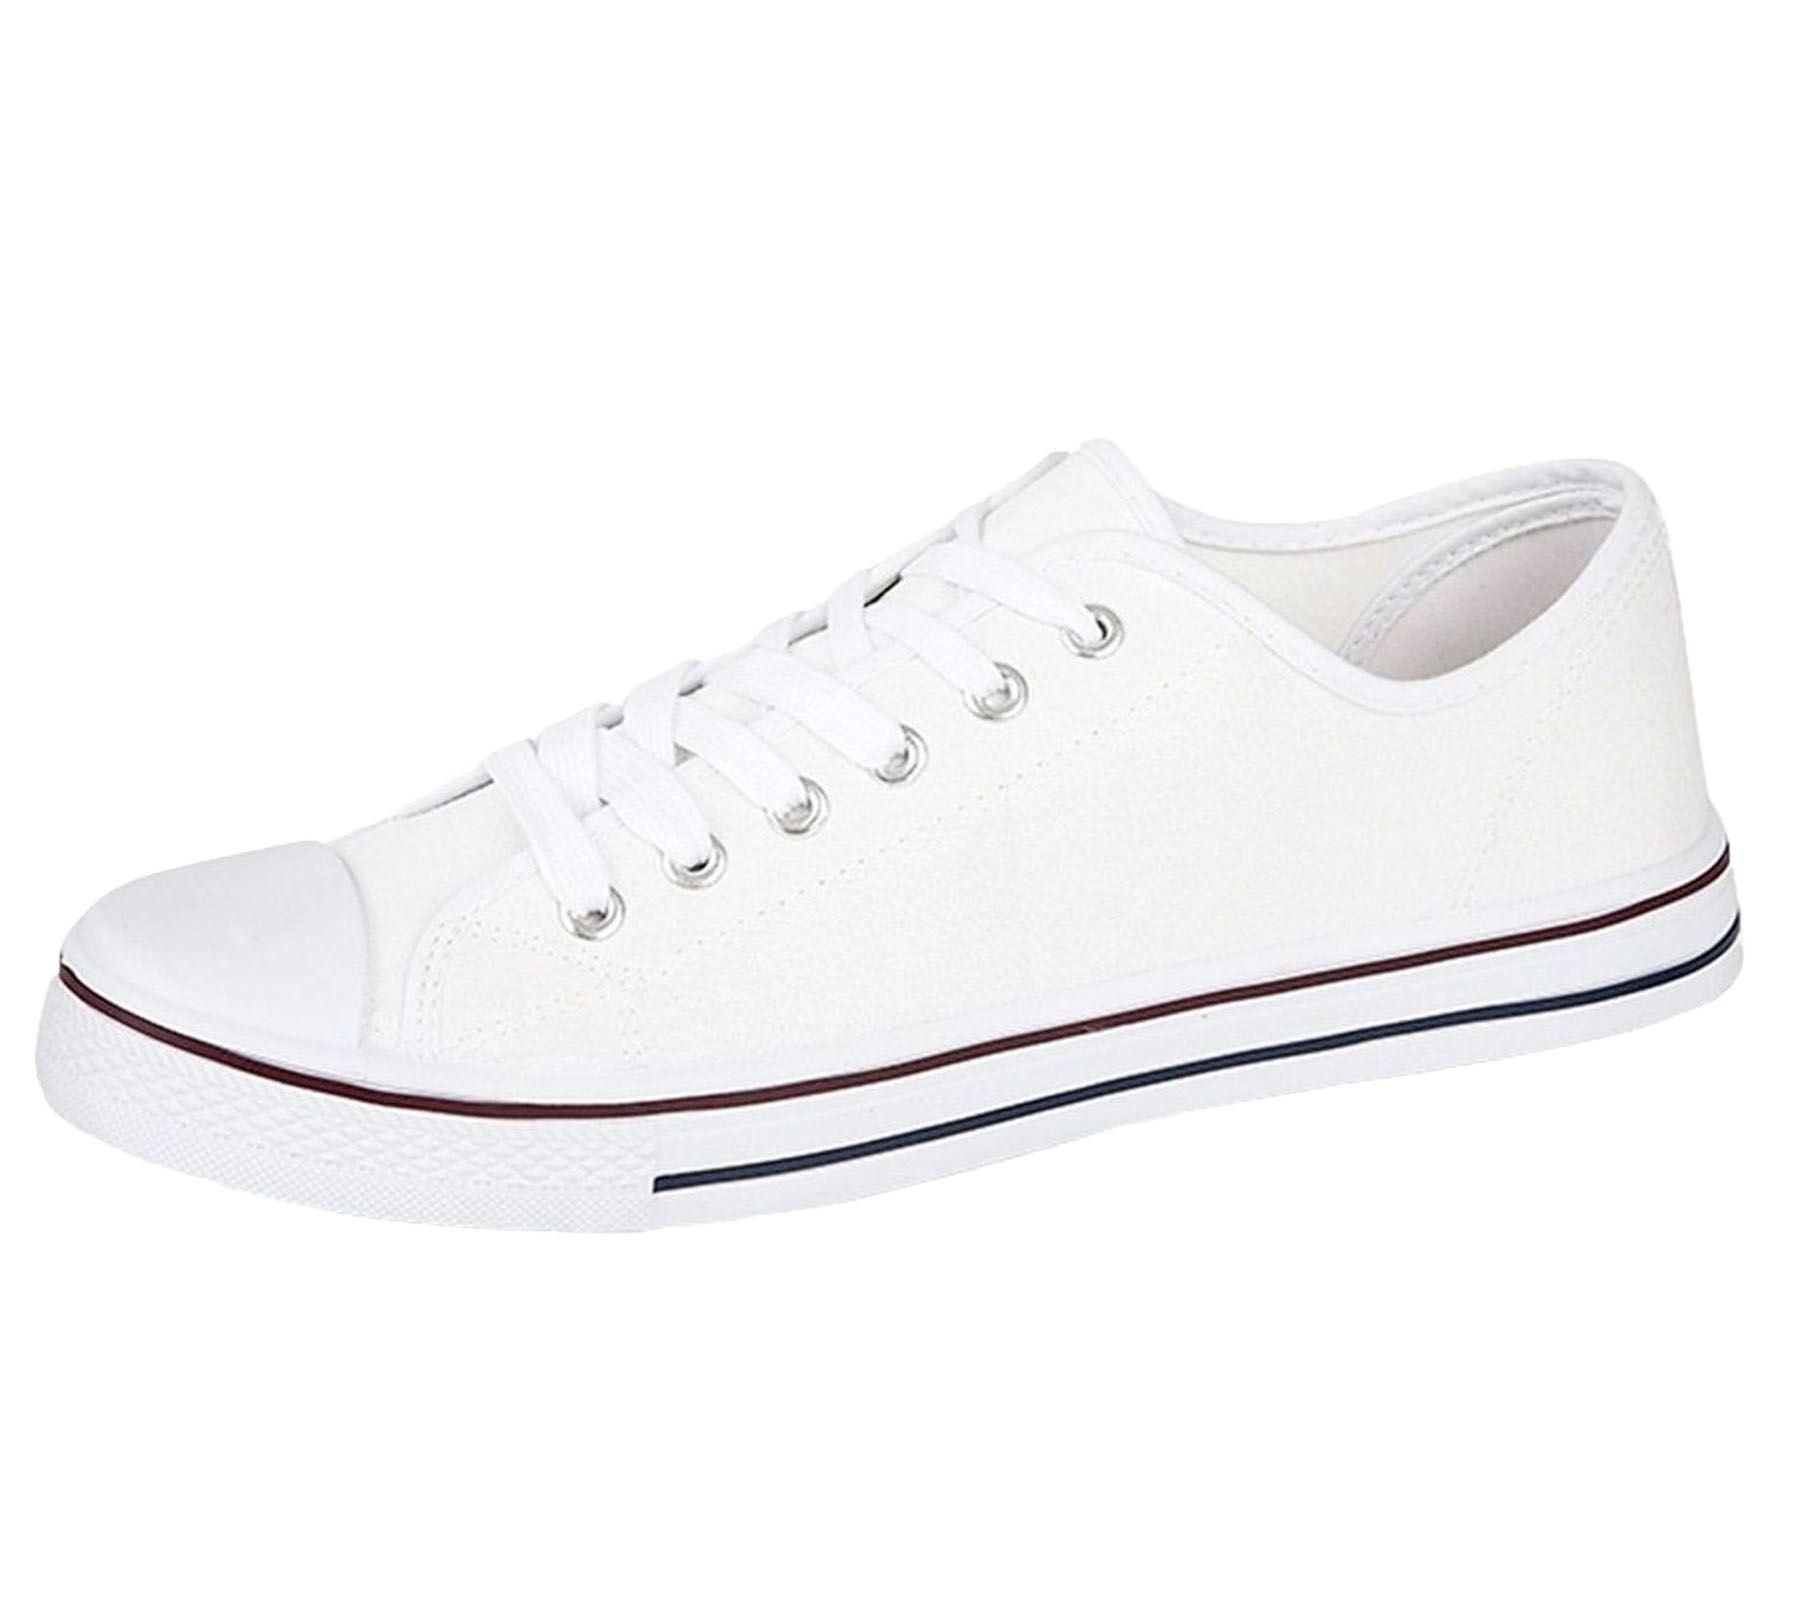 Mens-Canvas-Shoes-Plimsole-Trainer-Pumps-Lace-Up-Flat-Shoes thumbnail 15